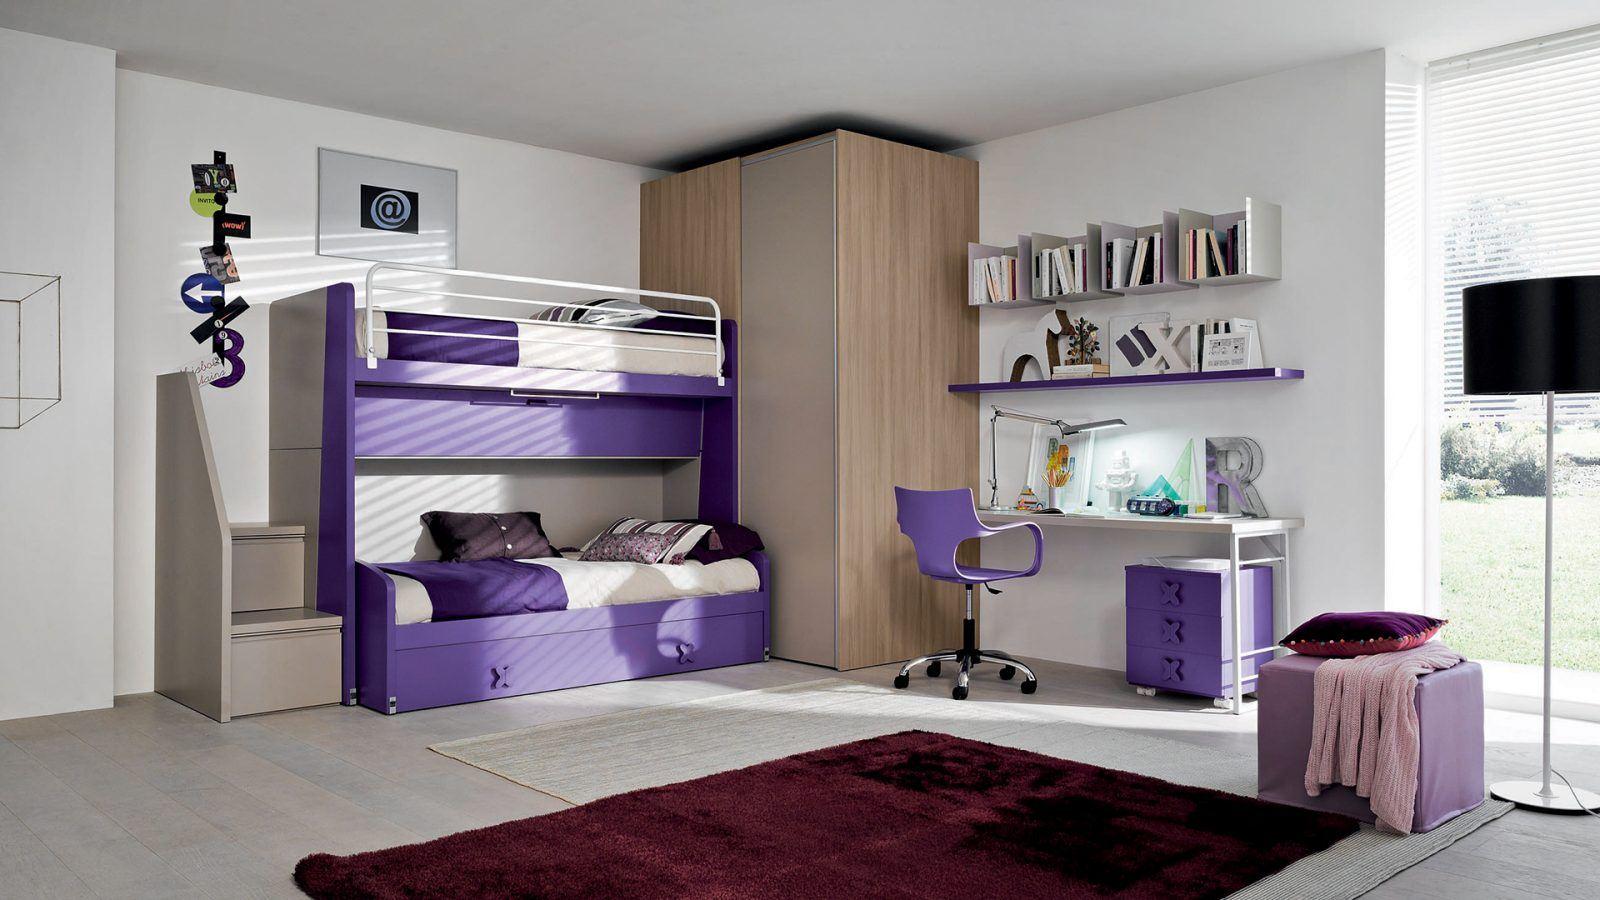 Arredamento Camerette Per Neonati : Arredo camerette per bambini ...